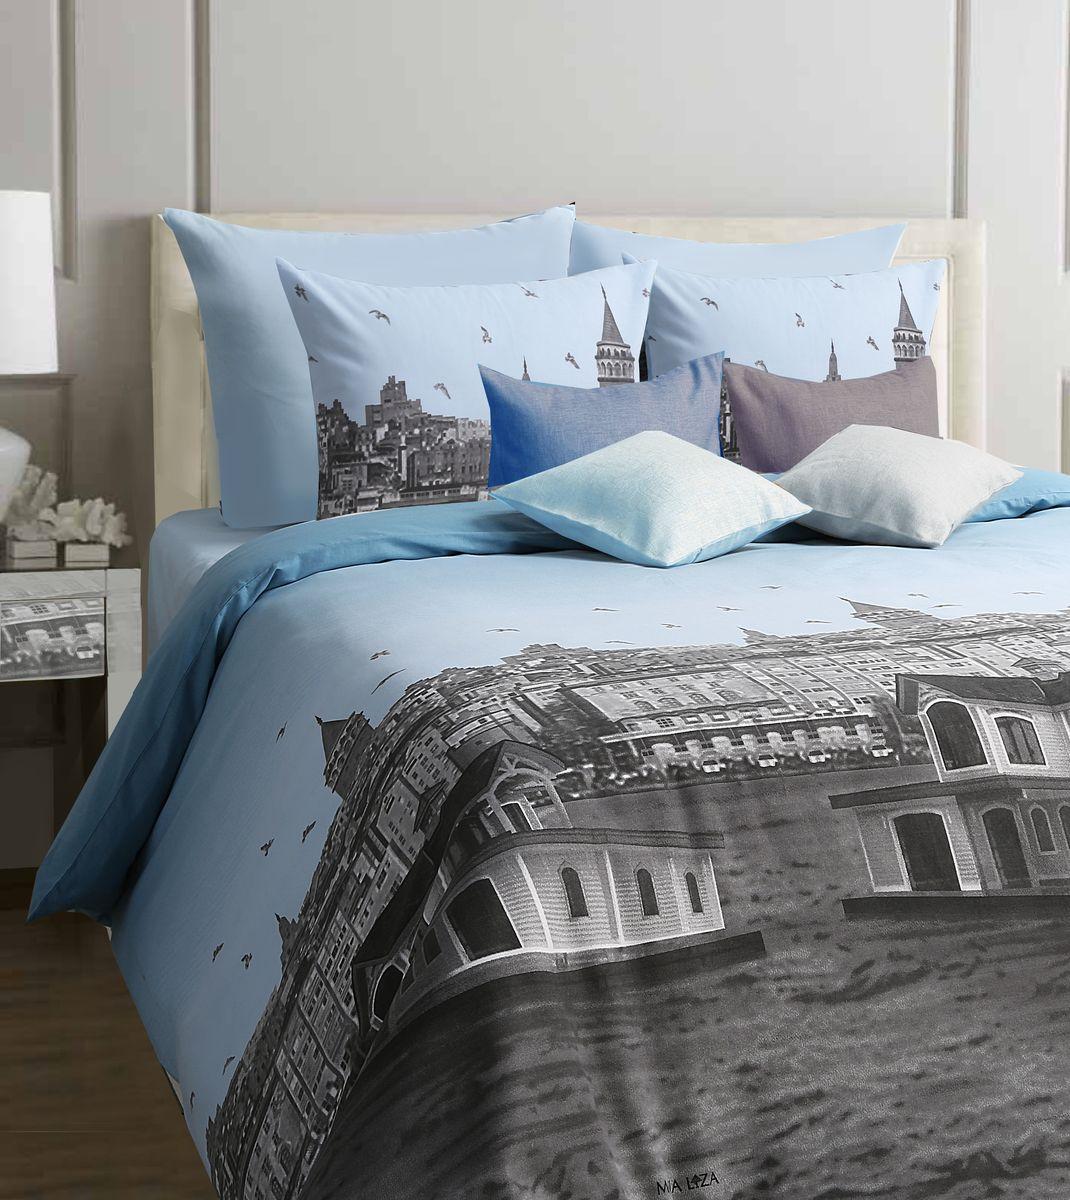 Комплект белья Mona Liza Istanbul, евро, наволочки 50x70, цвет: голубой552110/10Коллекция постельного белья MONA LIZA Classic поражает многообразием дизайнов. Среди них легко подобрать необходимый рисунок, который создаст в доме уют. Комплекты выполнены из бязи 100 % хлопка.